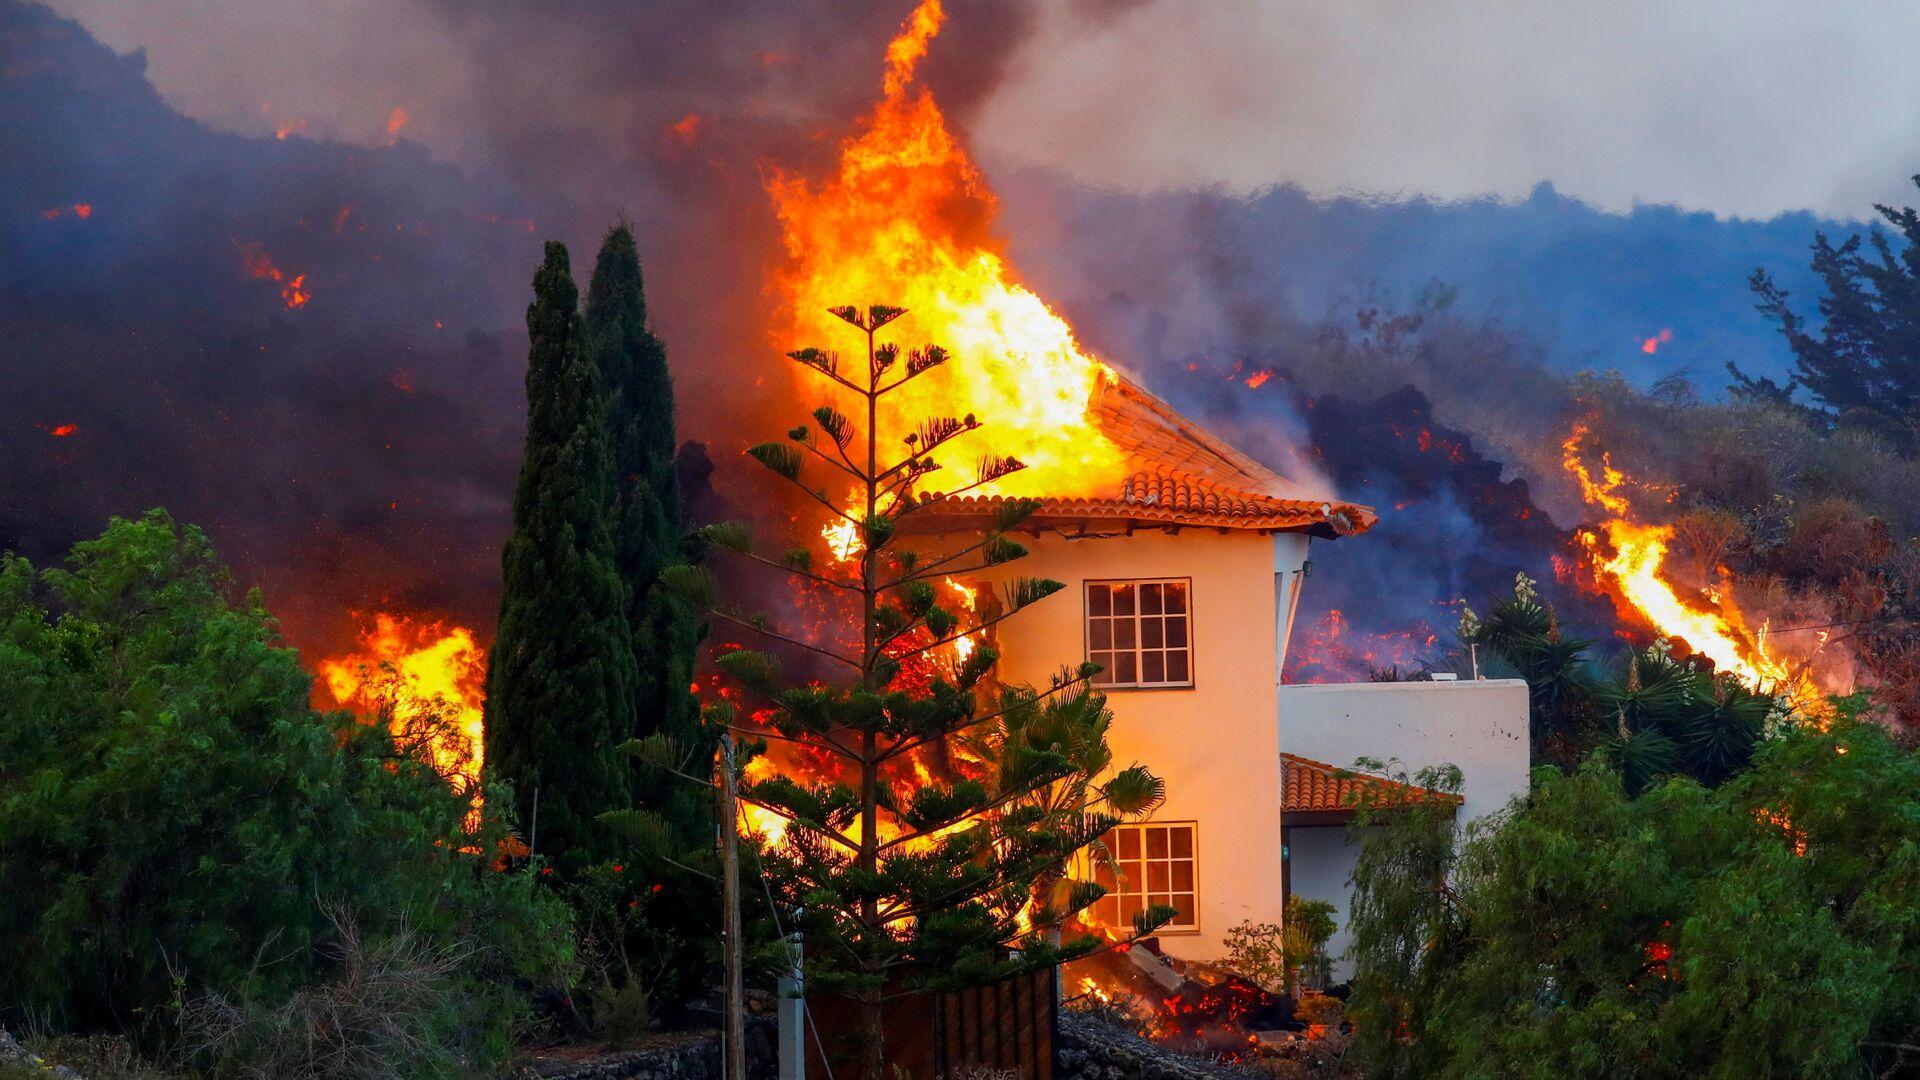 Lava del vulcano Cumbre Vieja divora una casa privata a La Palma, Canarie - Sputnik Italia, 1920, 27.09.2021